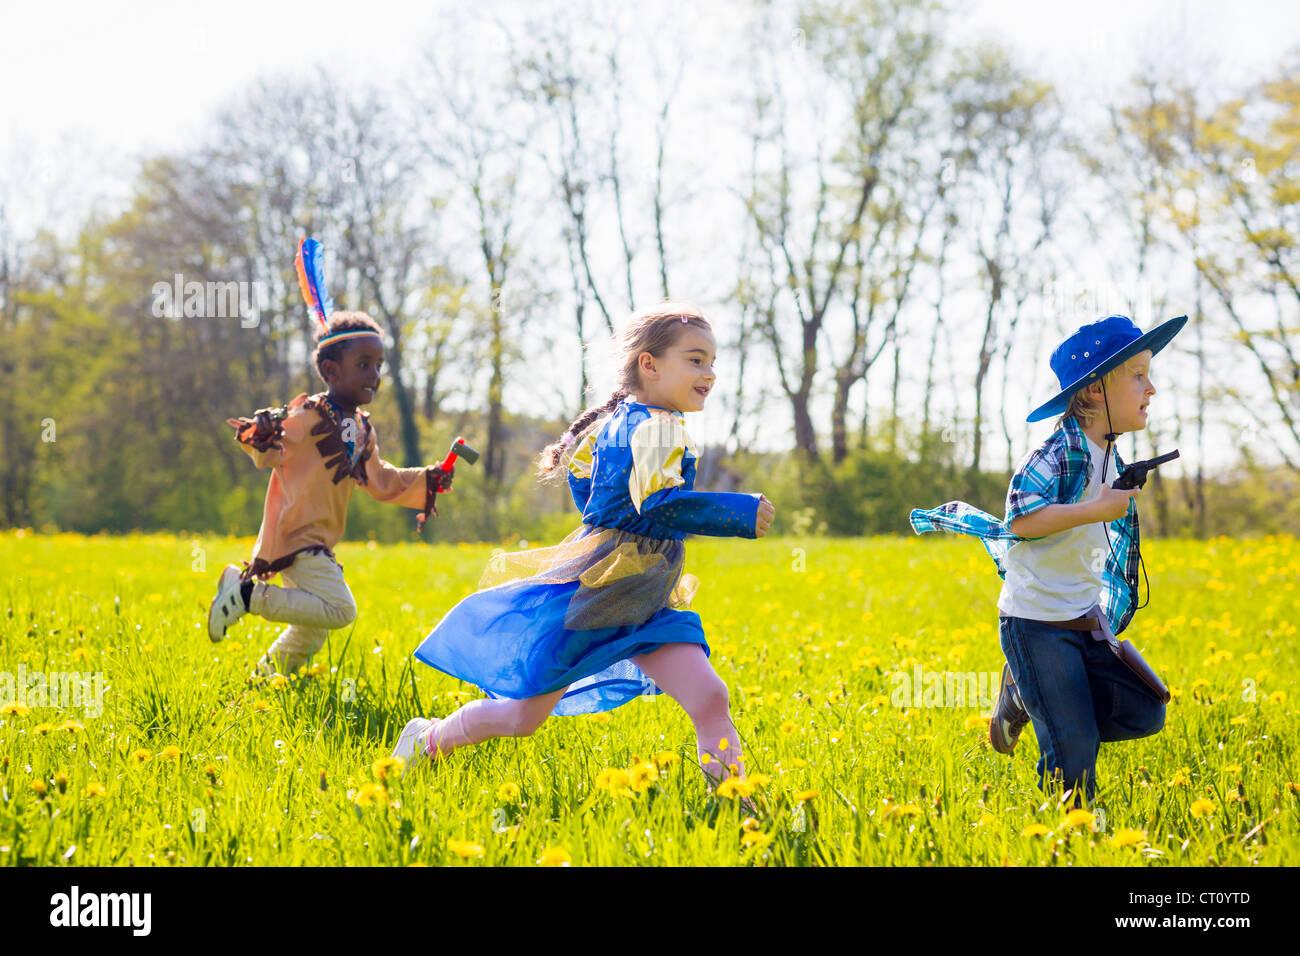 Bambini che giocano dress up all'aperto Immagini Stock